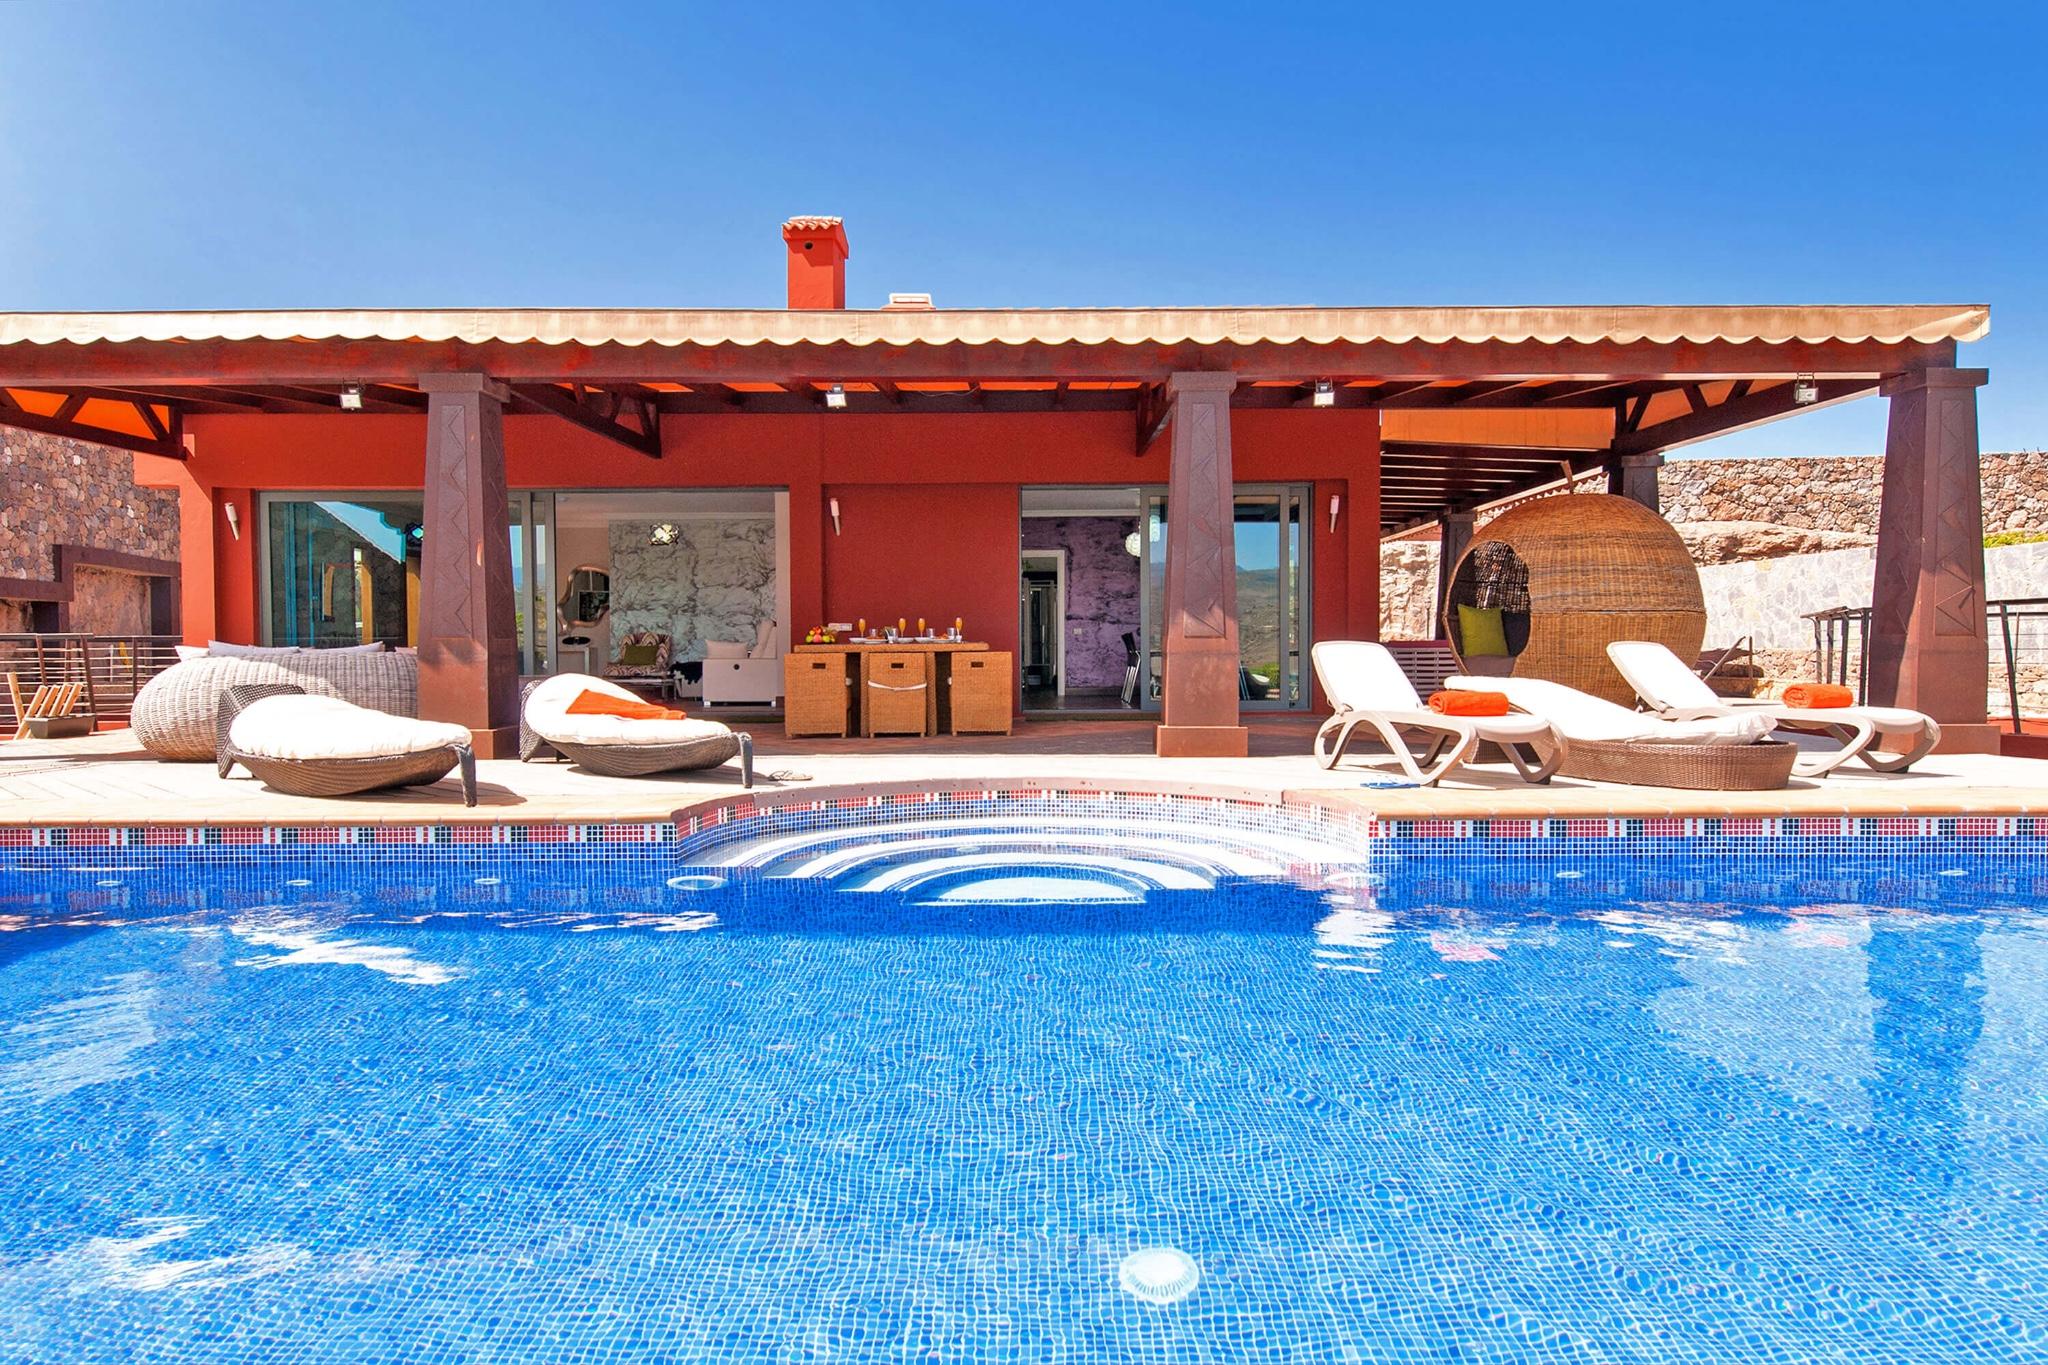 Villa de vacaciones lujosa de estilo moderno con zona exterior muy bien equipada con piscina grande y unas vistas bonitas al campo de golf de Salobre